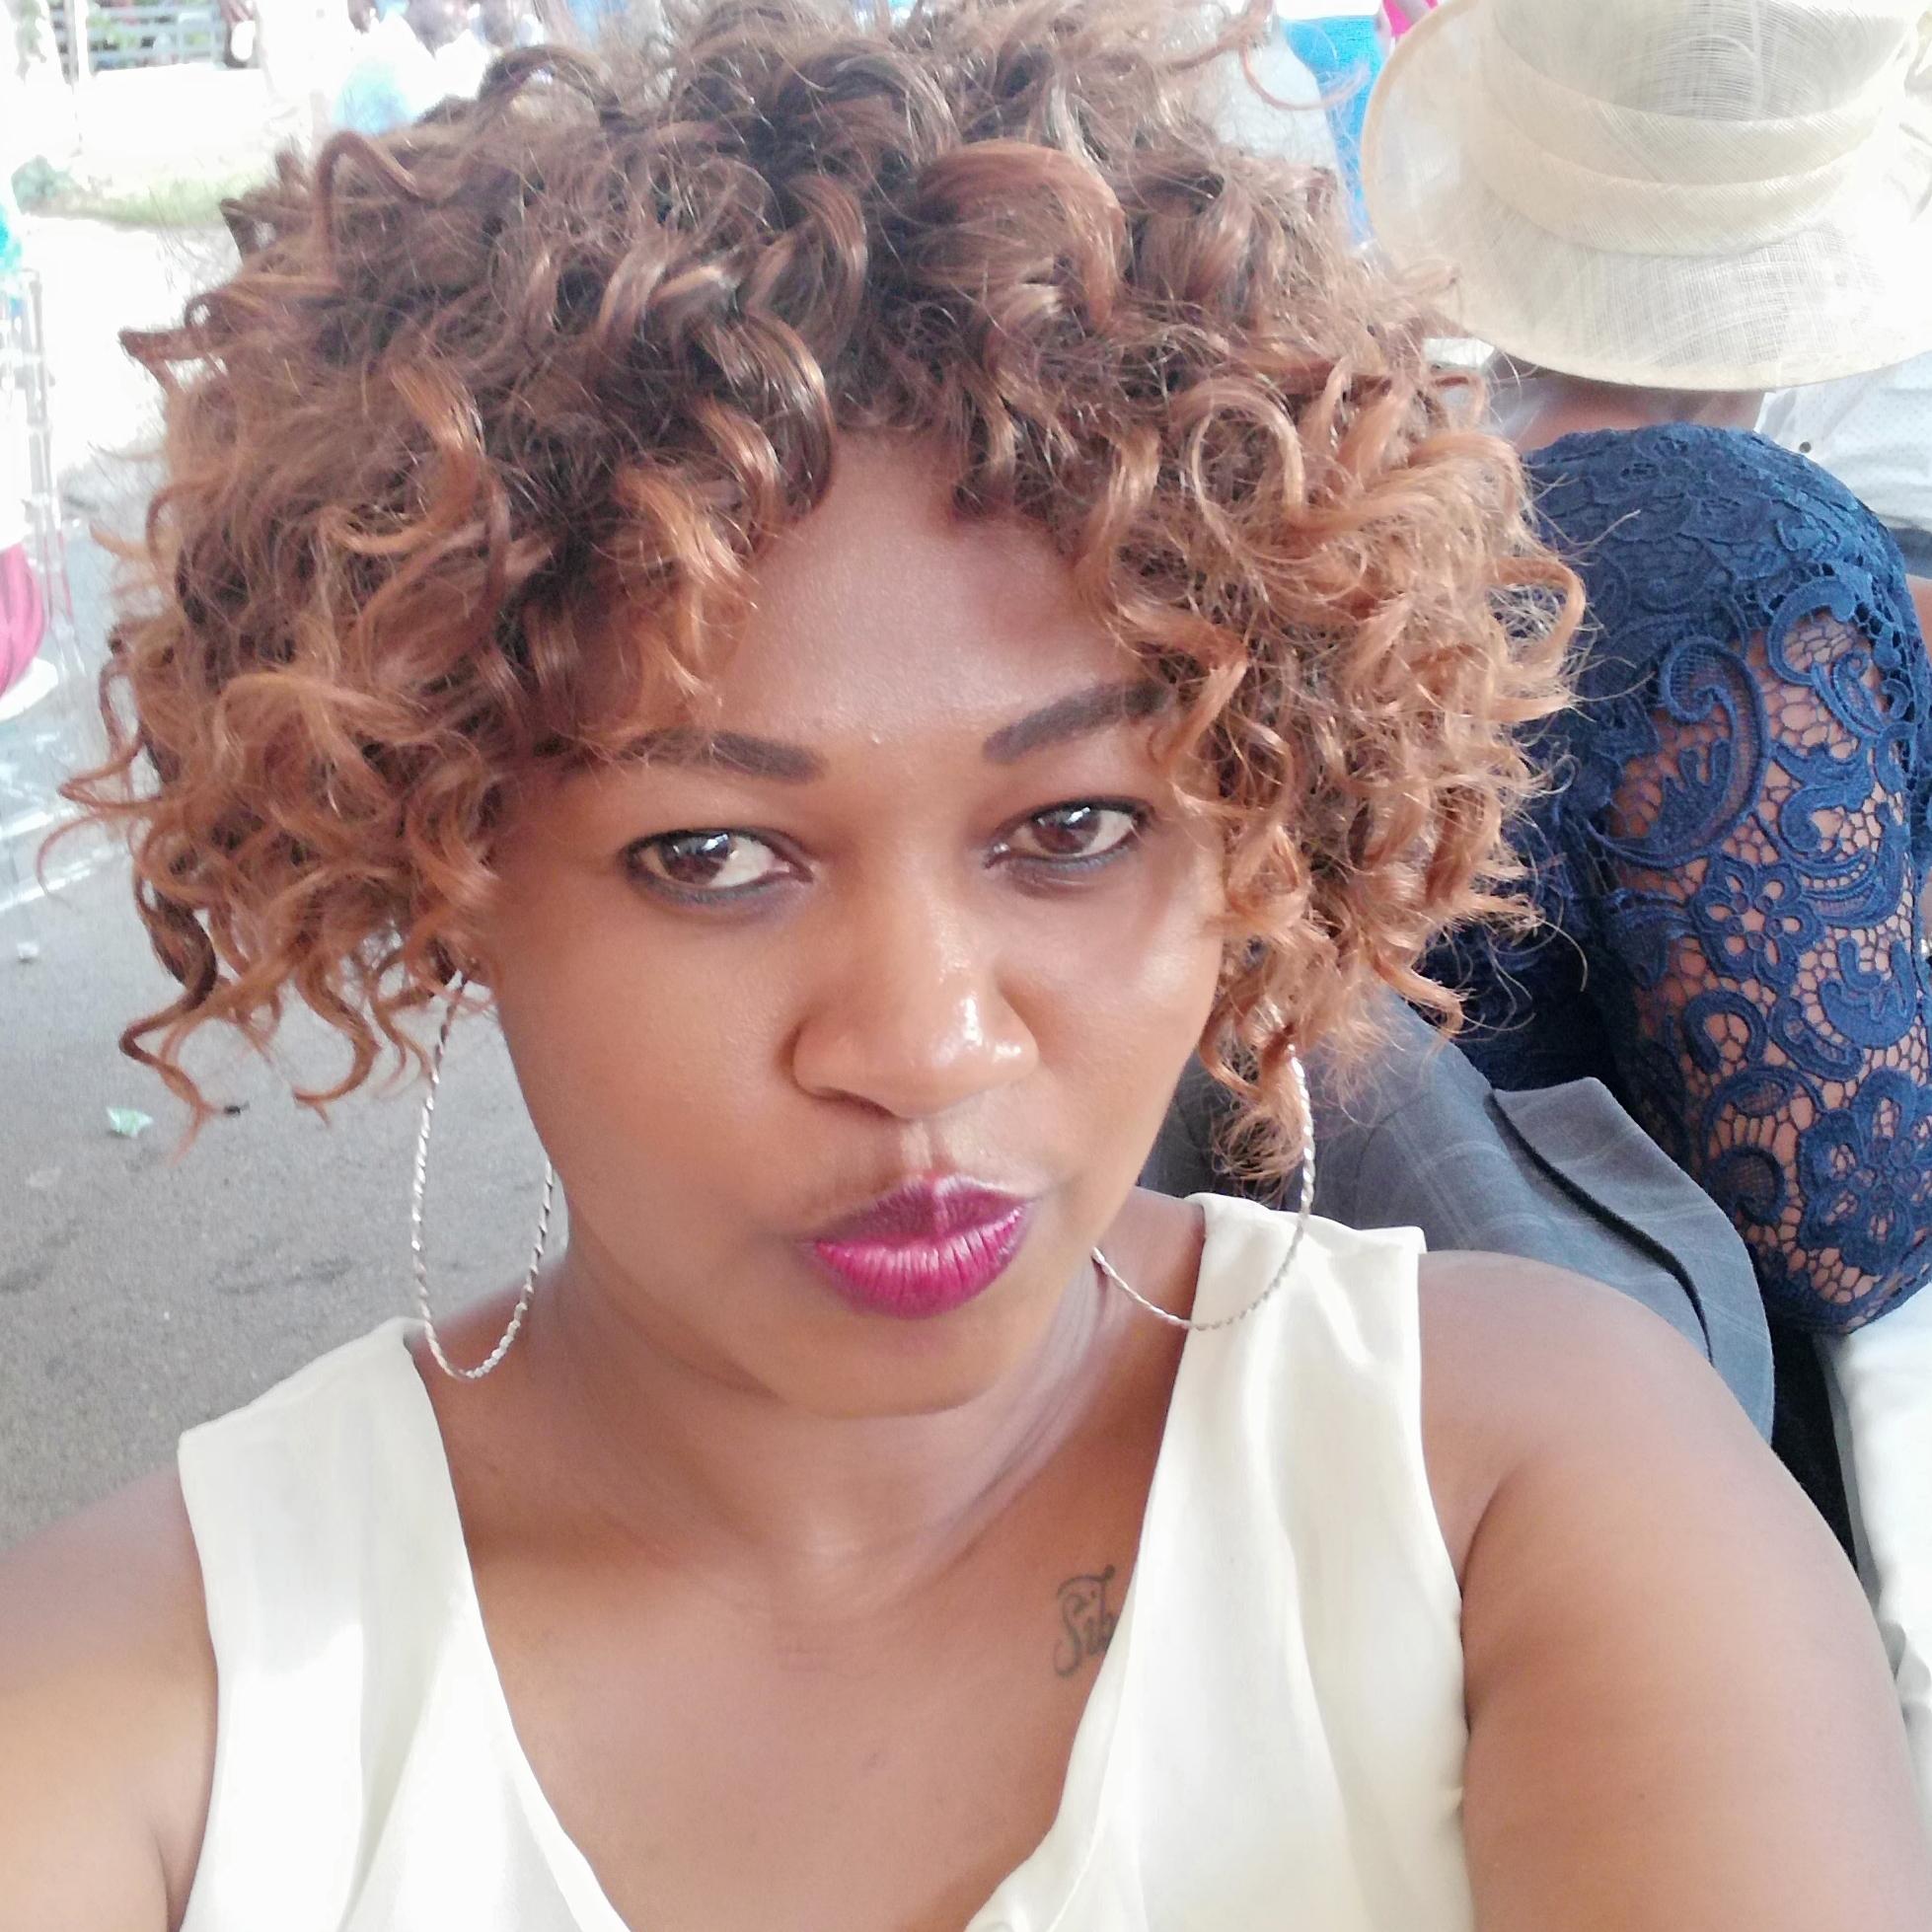 Lindiwe Maseko